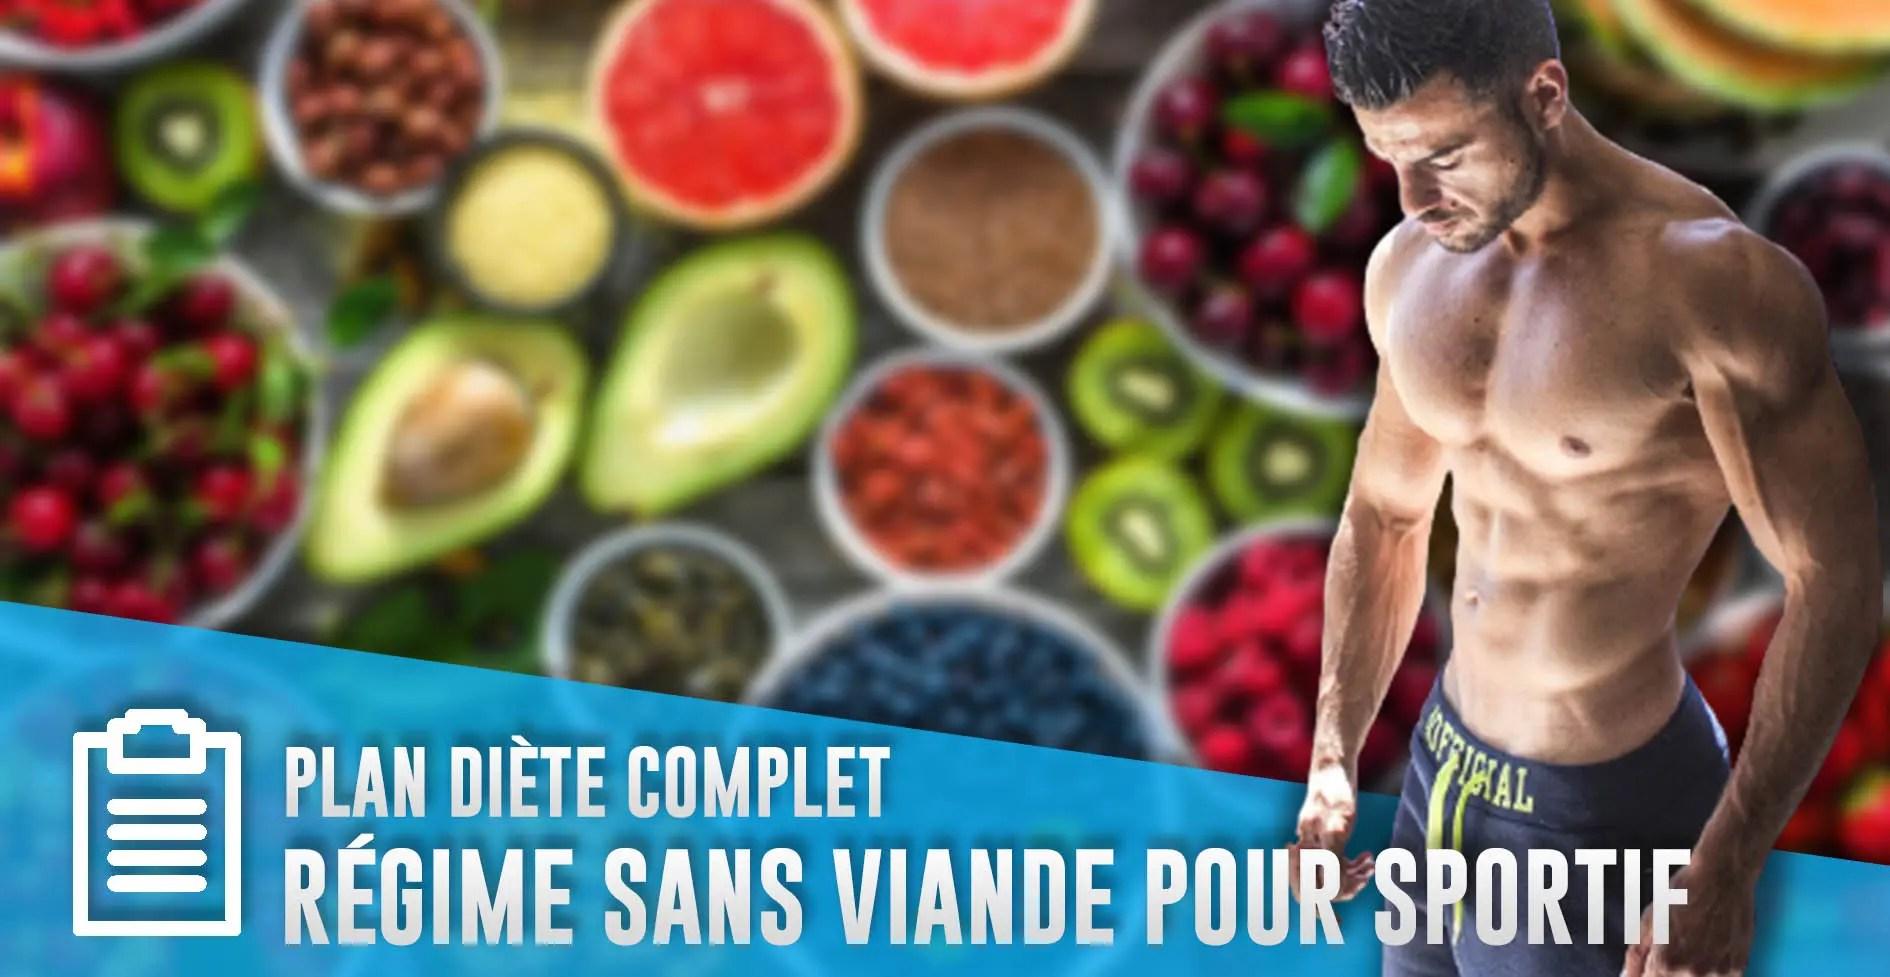 RÉGIME SANS VIANDE : la diète complète pour sportif ( musculation )